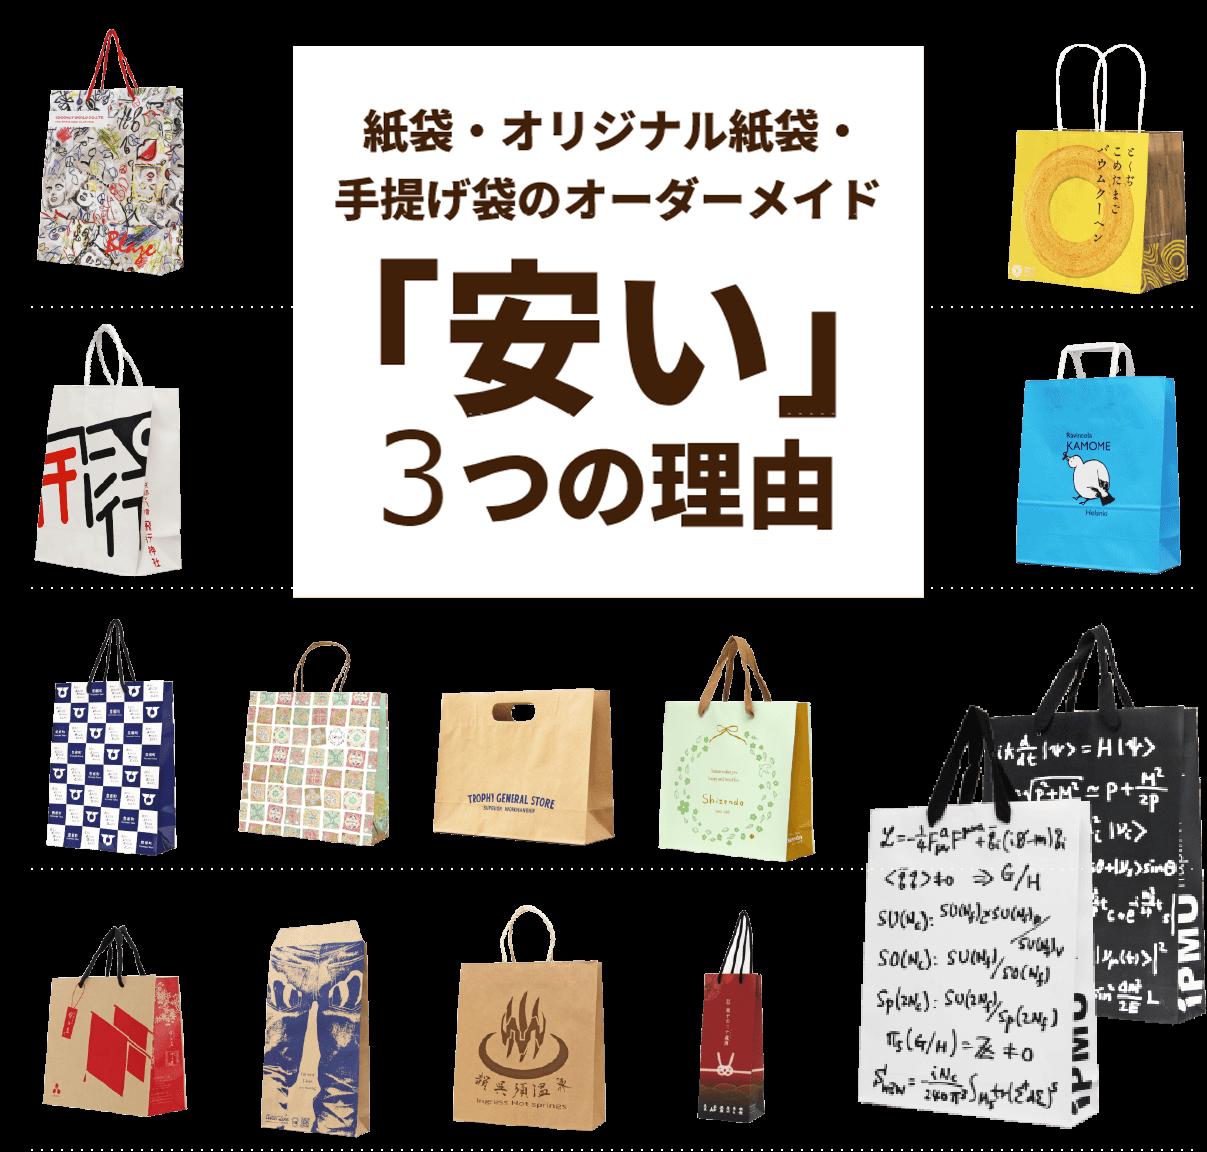 紙袋・オリジナル紙袋・手提げ袋のオーダーメイド「安い」3つの理由